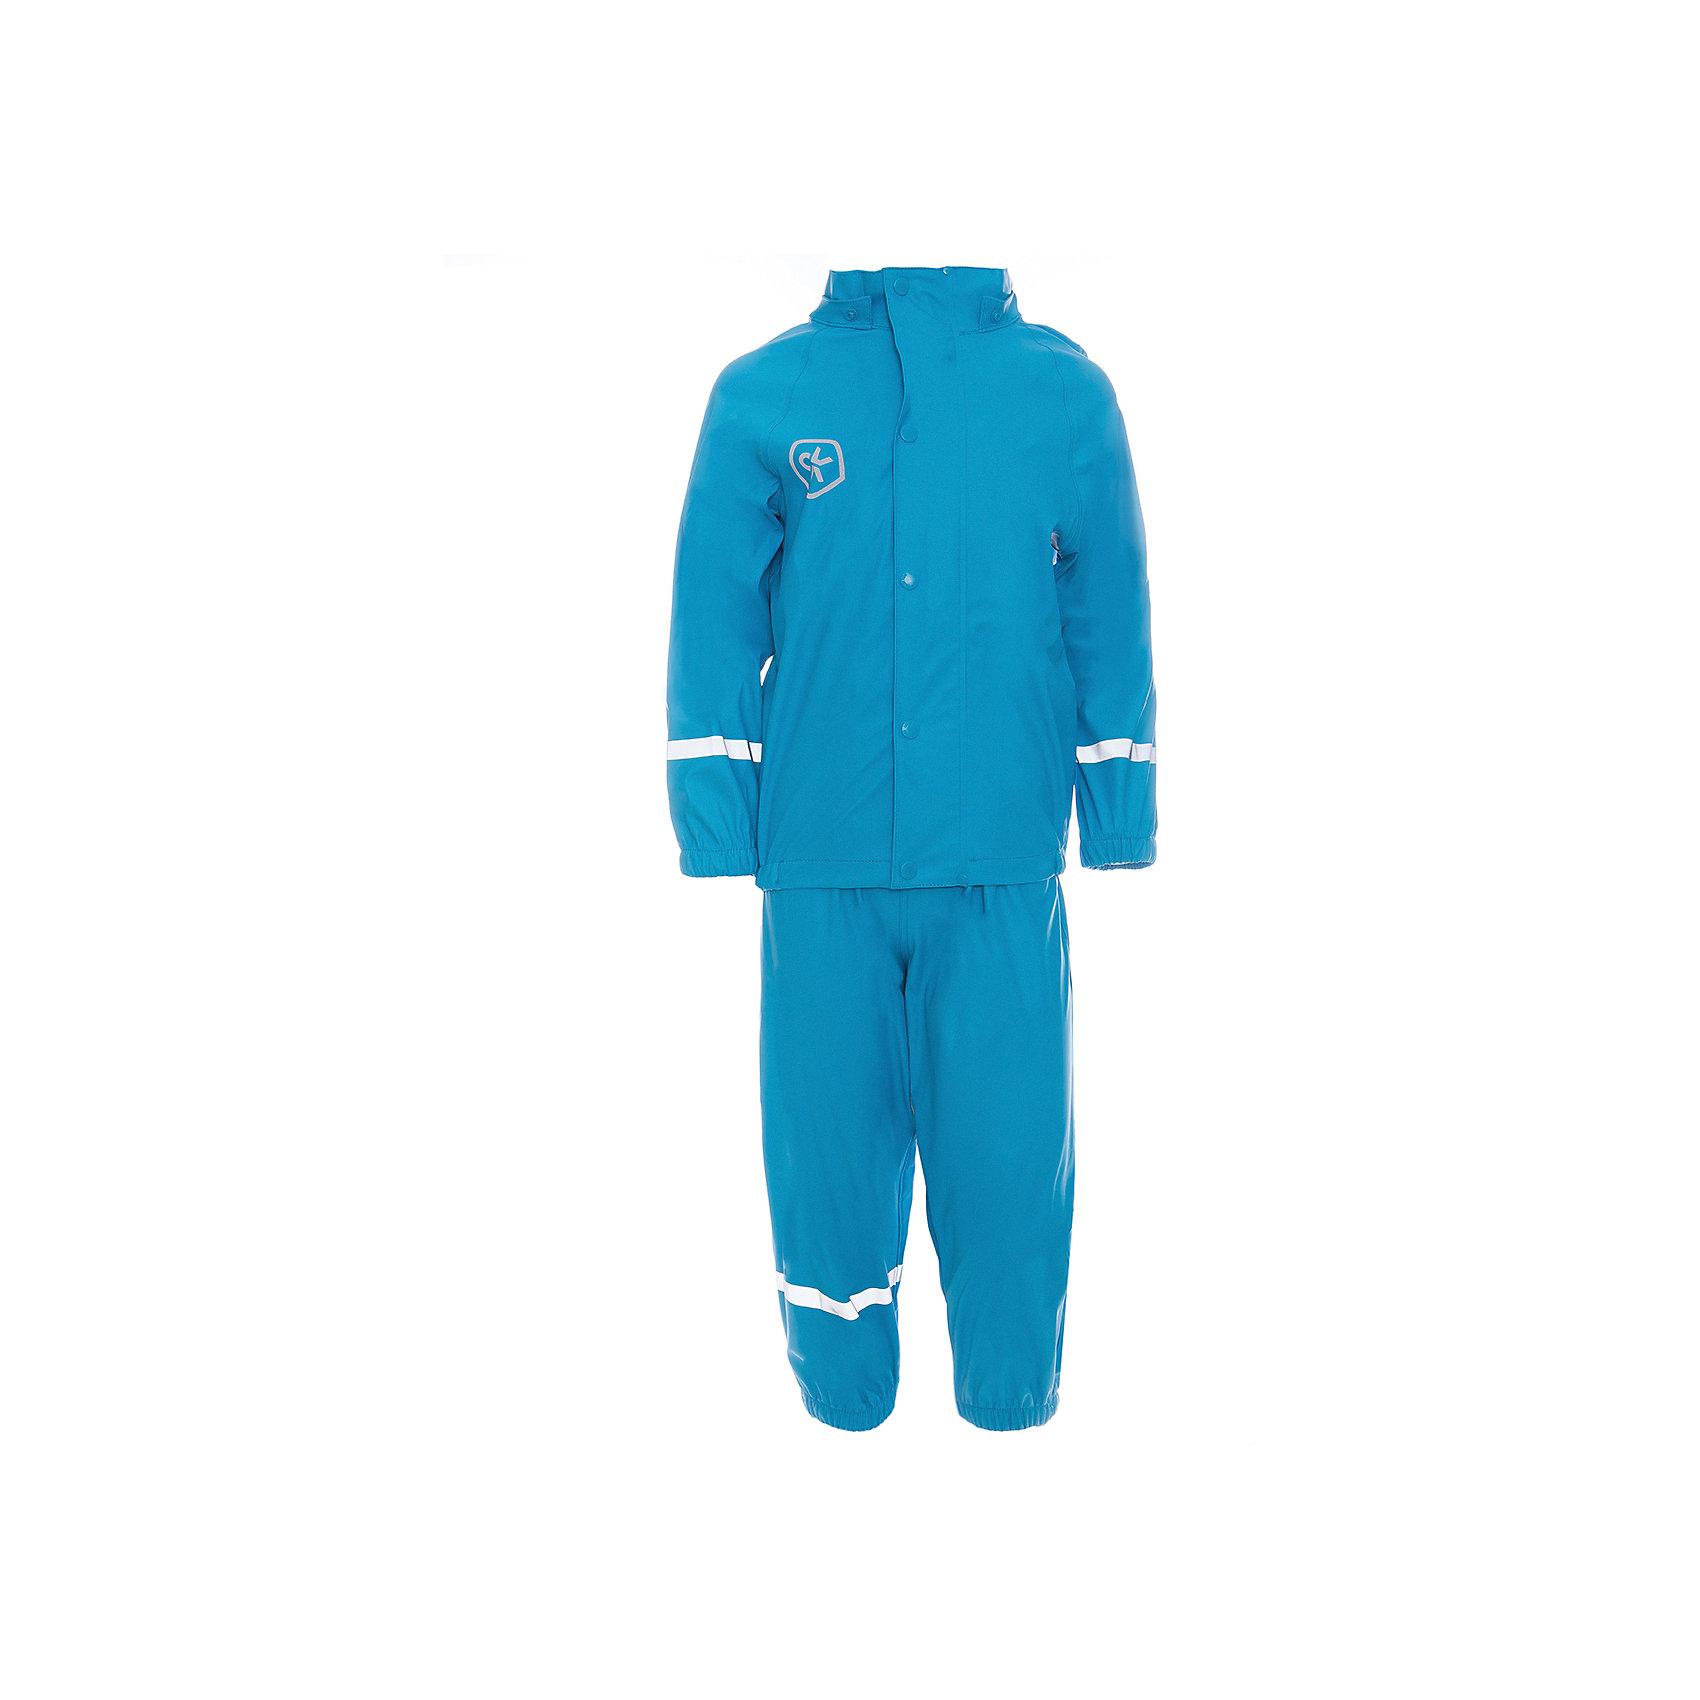 Непромокаемый комплект для девочки Color KidsВерхняя одежда<br>Характеристики товара:<br><br>• цвет: голубой<br>• состав: 100% полиэстер<br>• регулируемые подтяжки<br>• без утеплителя<br>• капюшон<br>• швы проклеены<br>• водонепроницаемый <br>• ветрозащитный<br>• светоотражающие детали<br>• эластичные манжеты<br>• штрипки<br>• сезон: демисезон<br>• температурный режим: +10 до +20<br>• страна производства: Китай<br>• страна бренда: Дания<br><br>Такой удобный комплект сделан из непромокаемого легкого материала, поэтому отлично подойдет для дождливой погоды в межсезонье.<br><br>Он комфортно сидит и обеспечивает ребенку необходимое удобство и тепло. Очень стильно смотрится. Отличный вариант качественной одежды от проверенного производителя!<br><br>Подарите своем у ребенку модную и комфортную одежду от известного бренда!<br><br>Комплект для девочки от датского бренда Color Kids (Колор кидз) можно купить в нашем интернет-магазине.<br><br>Ширина мм: 356<br>Глубина мм: 10<br>Высота мм: 245<br>Вес г: 519<br>Цвет: голубой<br>Возраст от месяцев: 72<br>Возраст до месяцев: 84<br>Пол: Унисекс<br>Возраст: Детский<br>Размер: 122,98,104,110,116,128<br>SKU: 5557299